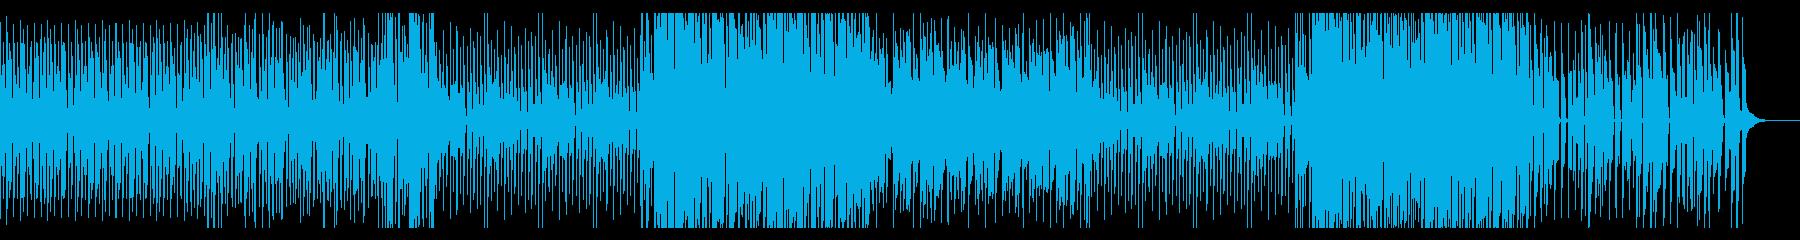 ピアノが軽快な4つ打ち曲の再生済みの波形